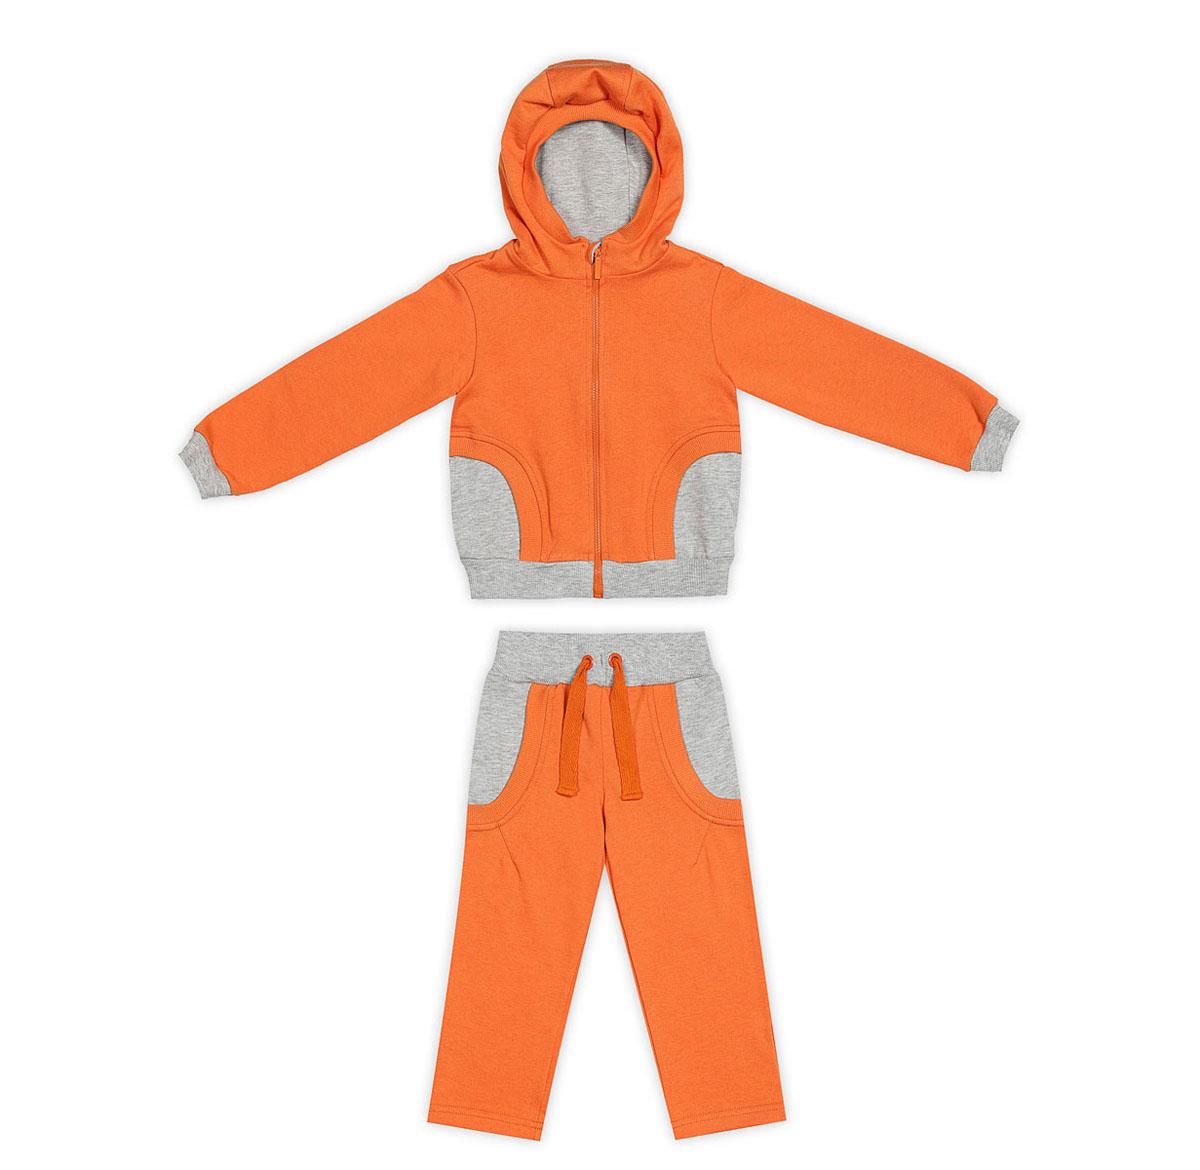 Спортивный костюм29-201Спортивный костюм Ёмаё, состоящий из толстовки и брюк, идеально подойдет вашему ребенку и станет отличным дополнением к его гардеробу. Изготовленный из натурального хлопка, он очень мягкий и приятный на ощупь, не сковывает движения и позволяет коже дышать, обеспечивая комфорт. Лицевая сторона изделия гладкая, изнаночная - с небольшими петельками. Толстовка с капюшоном и длинными рукавами застегивается на пластиковую молнию с защитой подбородка. Капюшон с подкладкой контрастного цвета по краю дополнен трикотажной резинкой. Спереди предусмотрены два прорезных кармашка. Понизу модель дополнена широкой трикотажной резинкой, а на рукавах имеются манжеты, не стягивающие запястья. Сзади толстовка оформлена крупной принтовой надписью с названием бренда. Брюки прямого кроя имеют на поясе широкую эластичную резинку, благодаря чему они не сдавливают животик ребенка и не сползают. По бокам изделие дополнено двумя прорезными карманами. В таком костюме ваш...